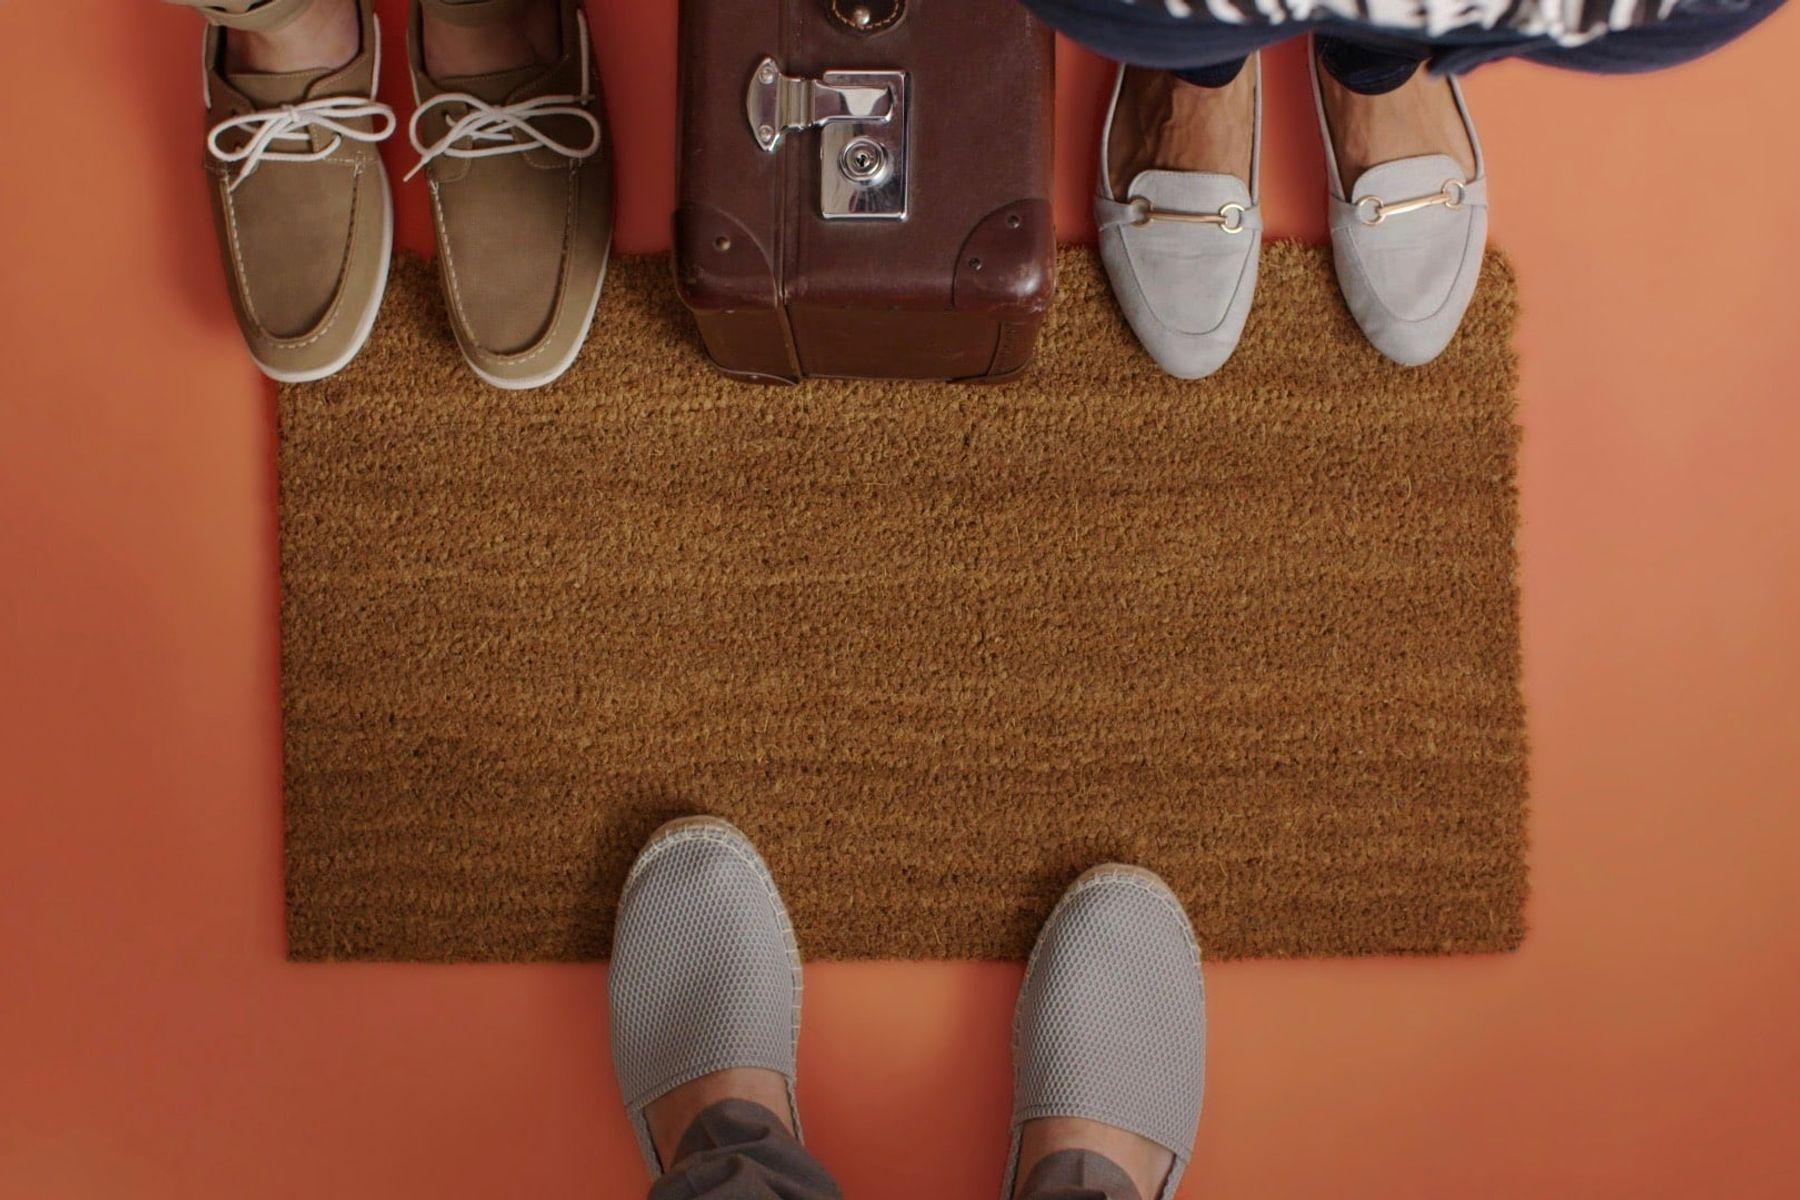 tapis de porte avec chaussures et porte-documents